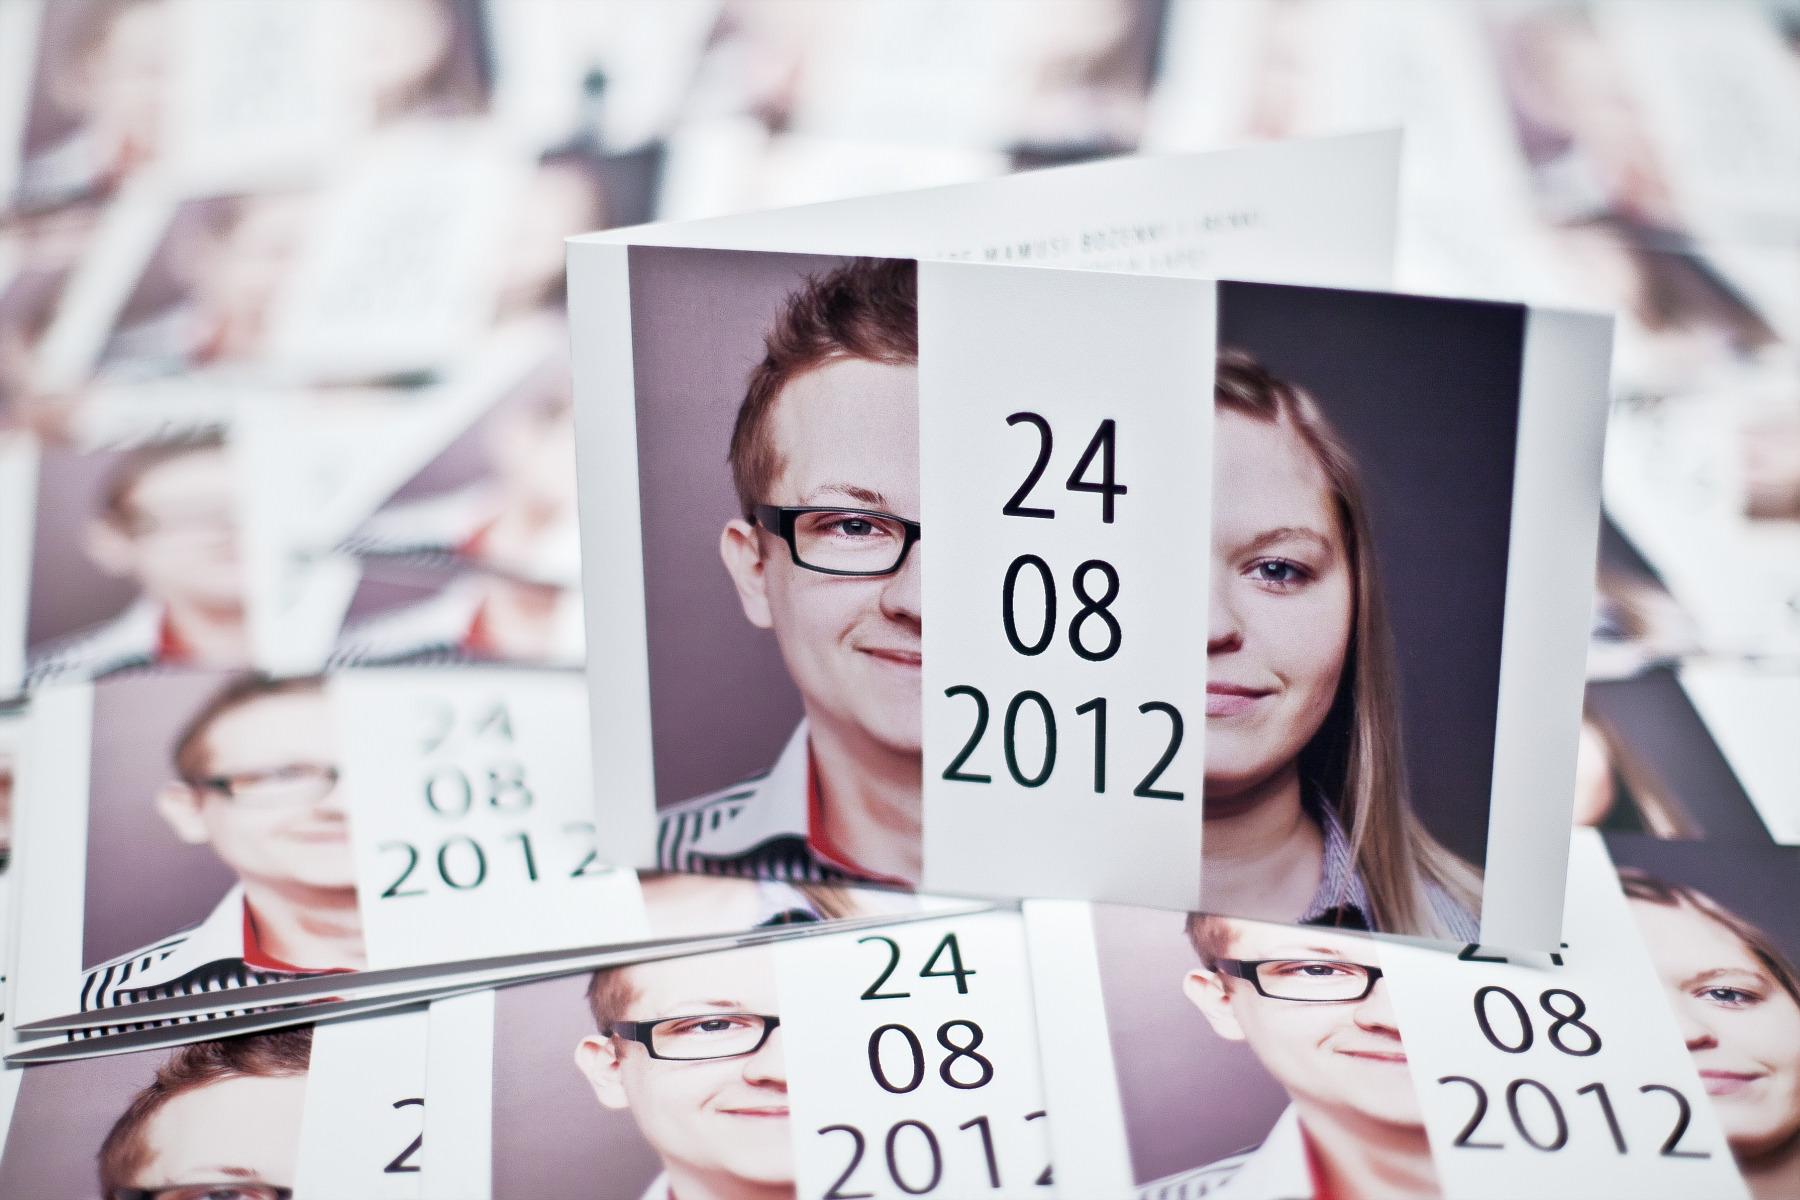 Zaproszenie ślubne ze zdjęciem, projekt, sesja zdjęciowa. Grzegorz i Marta.